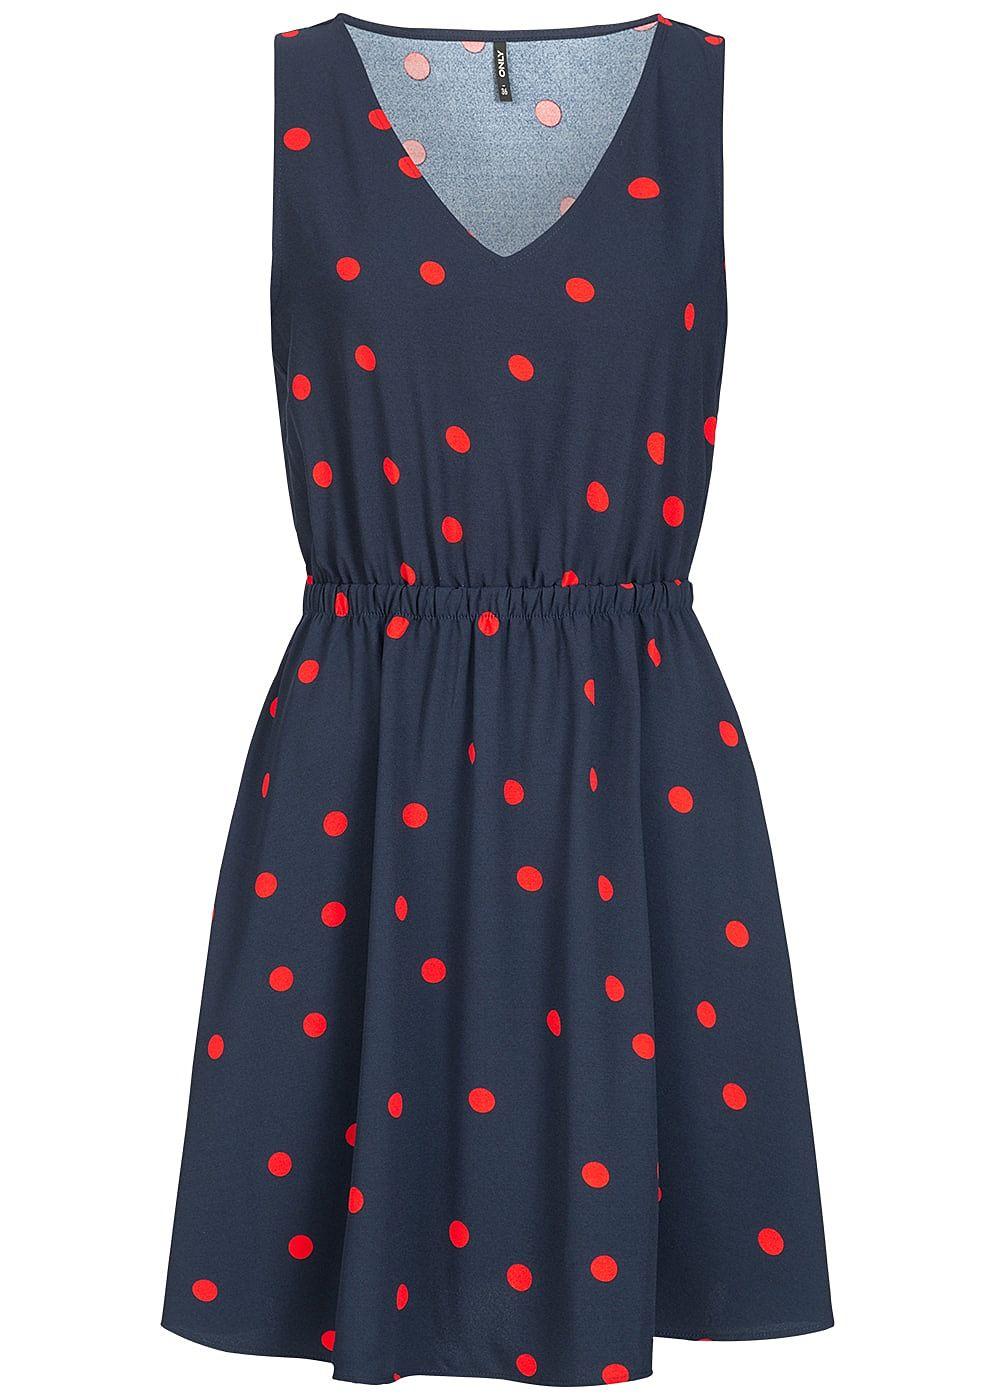 ONLY Damen Kleid Punkte Muster Rückenausschnitt night sky ...